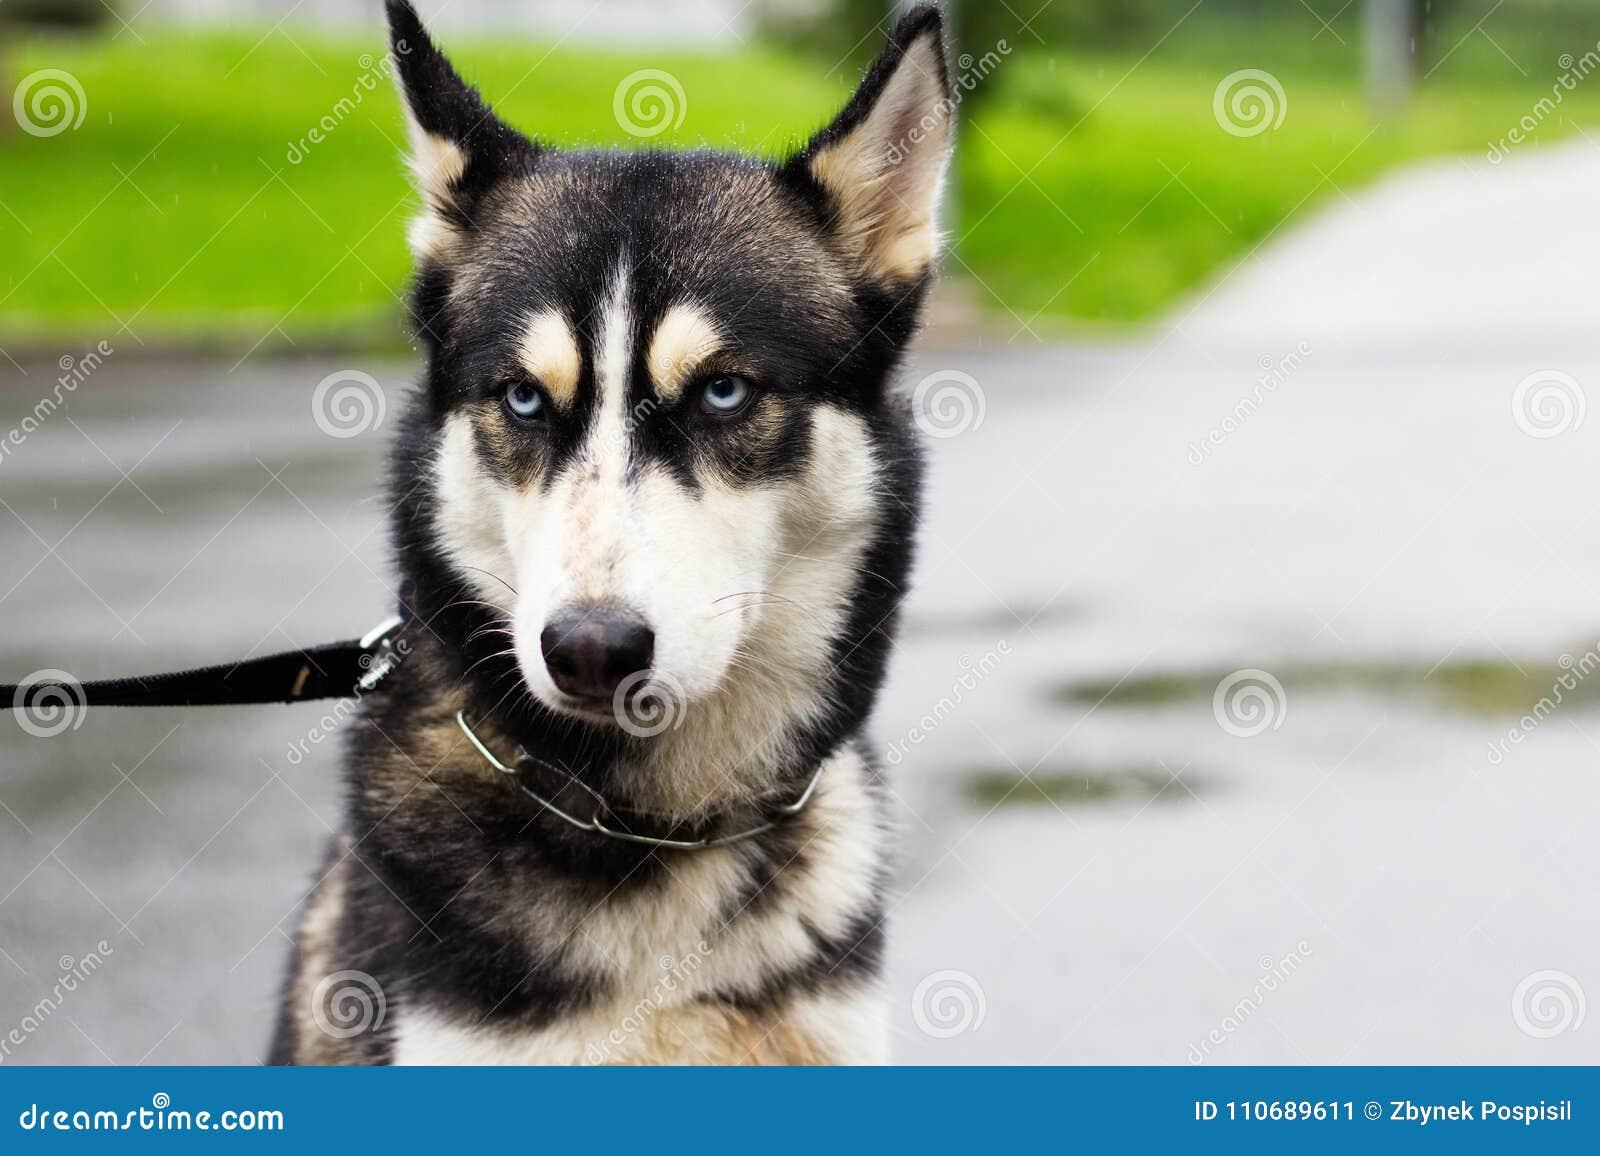 Gderliwy pies w deszczu, siberian husky